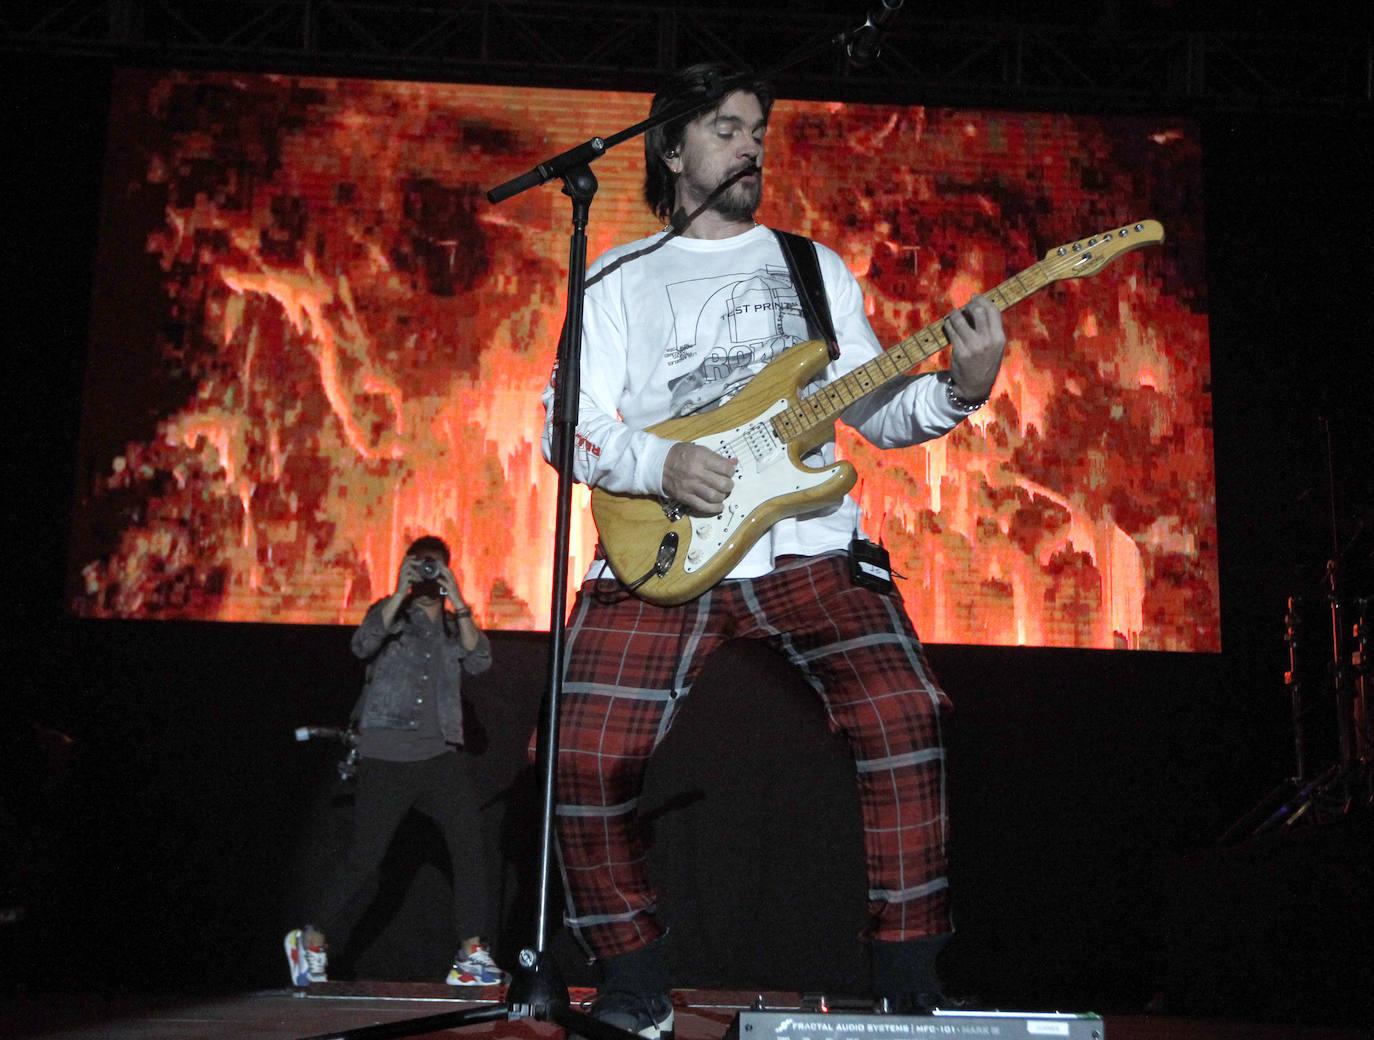 Las mejores imágenes del concierto de Juanes en Gijón